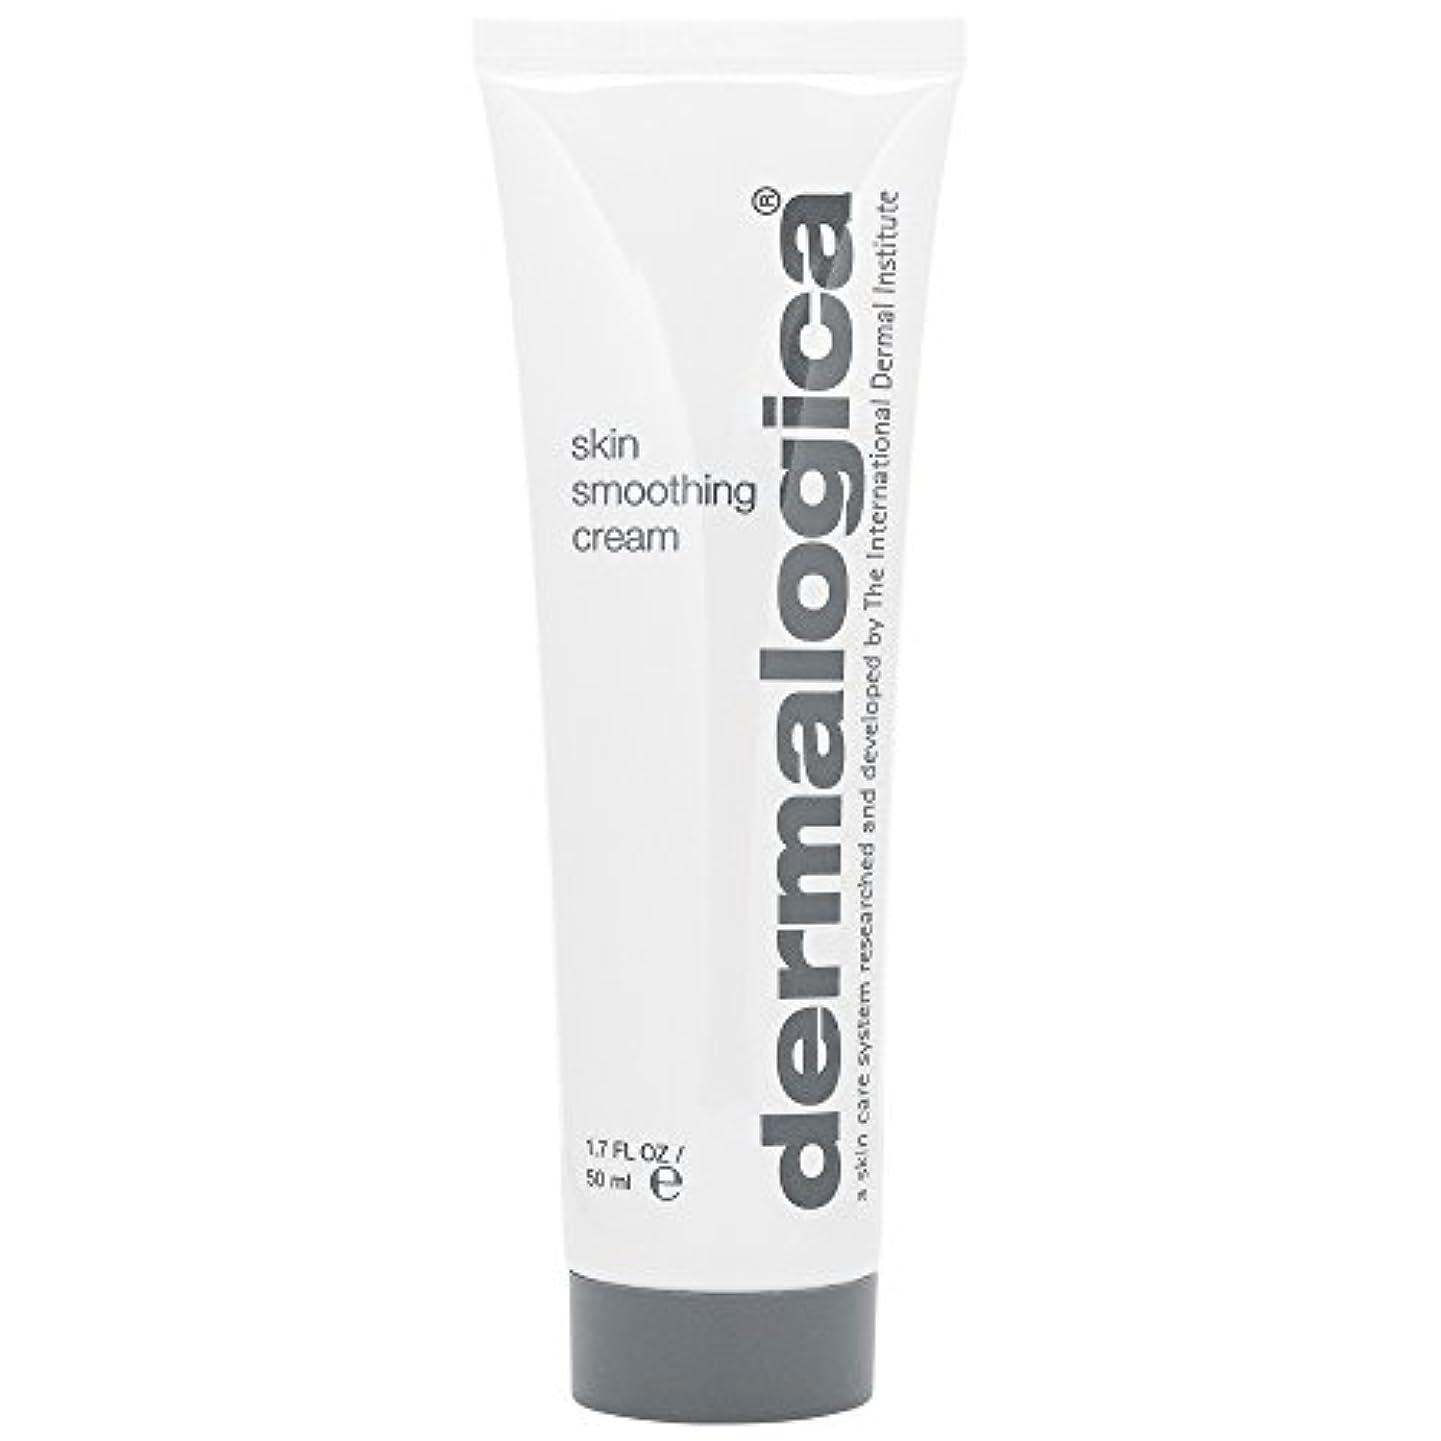 郊外繰り返すアロングダーマロジカスキンスムージングクリーム50ミリリットル (Dermalogica) - Dermalogica Skin Smoothing Cream 50ml [並行輸入品]